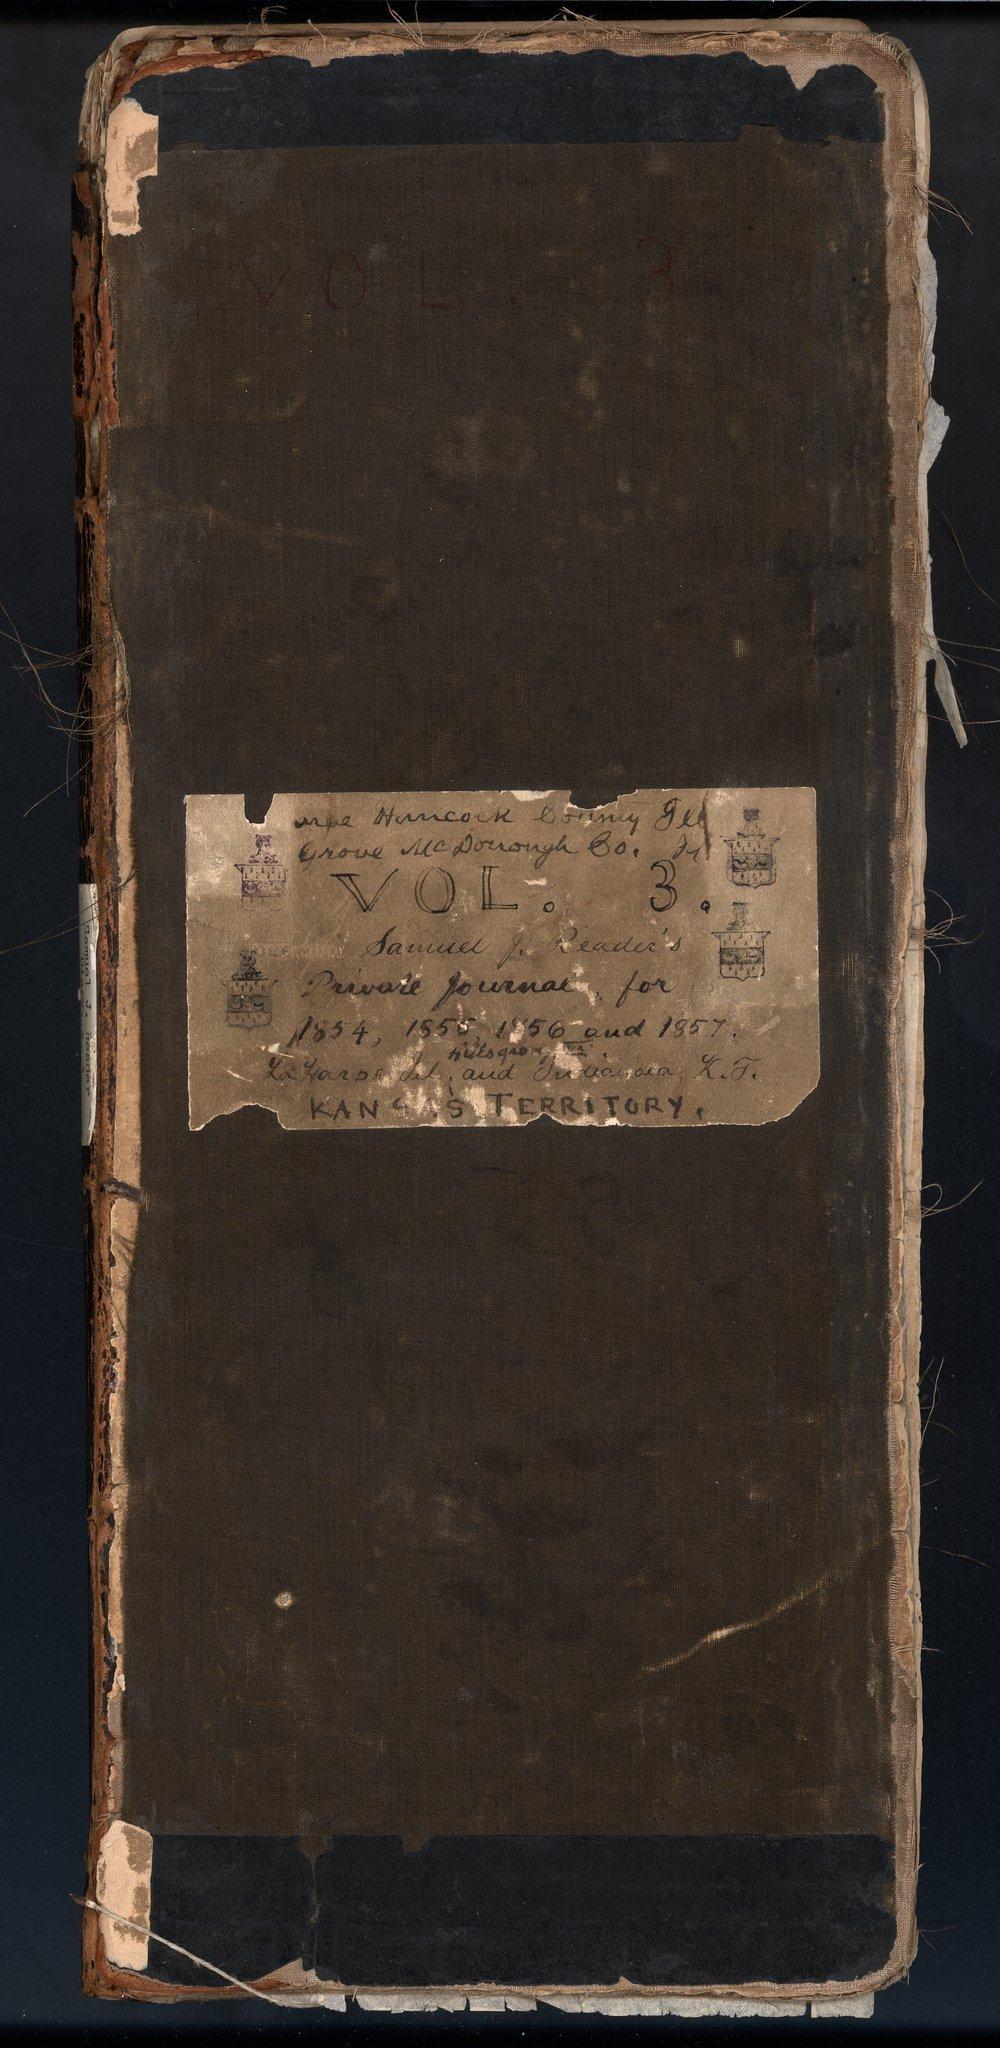 Samuel Reader's diary, volume 3 - Cover